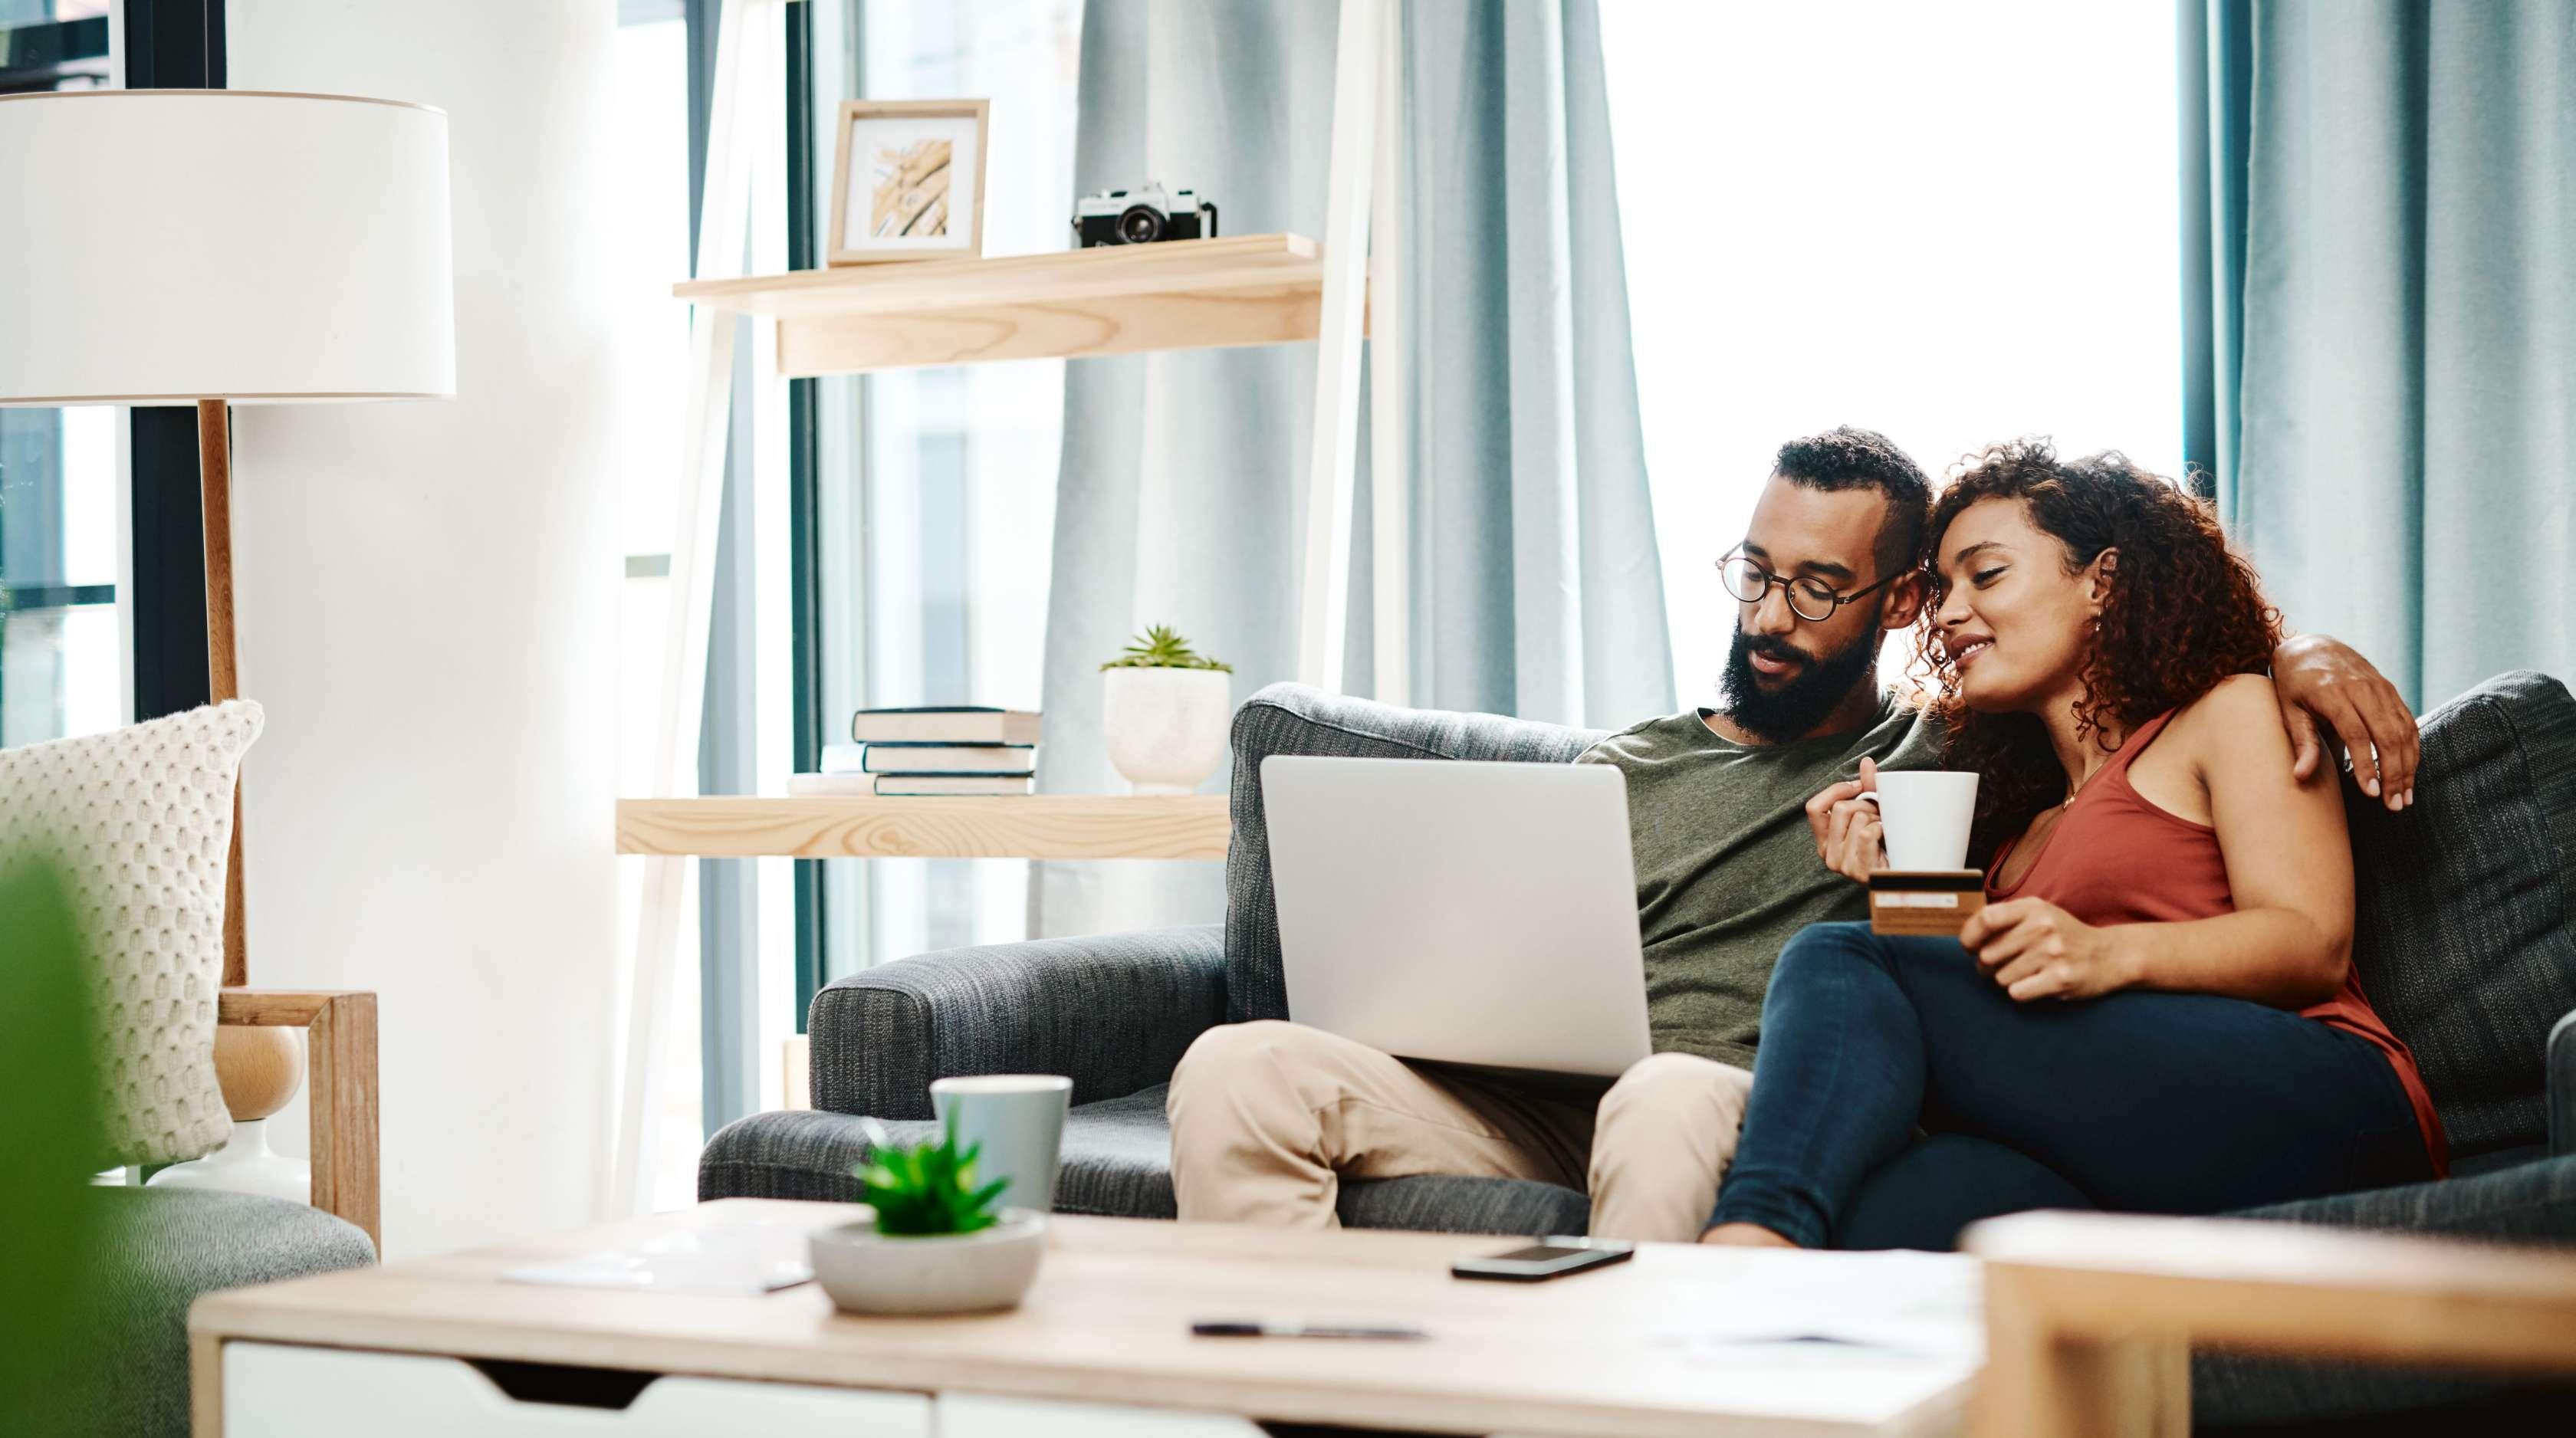 Ein Paar sitzt gemeinsam in ihrem Haus auf dem Sofa und blickt in einen Laptop.